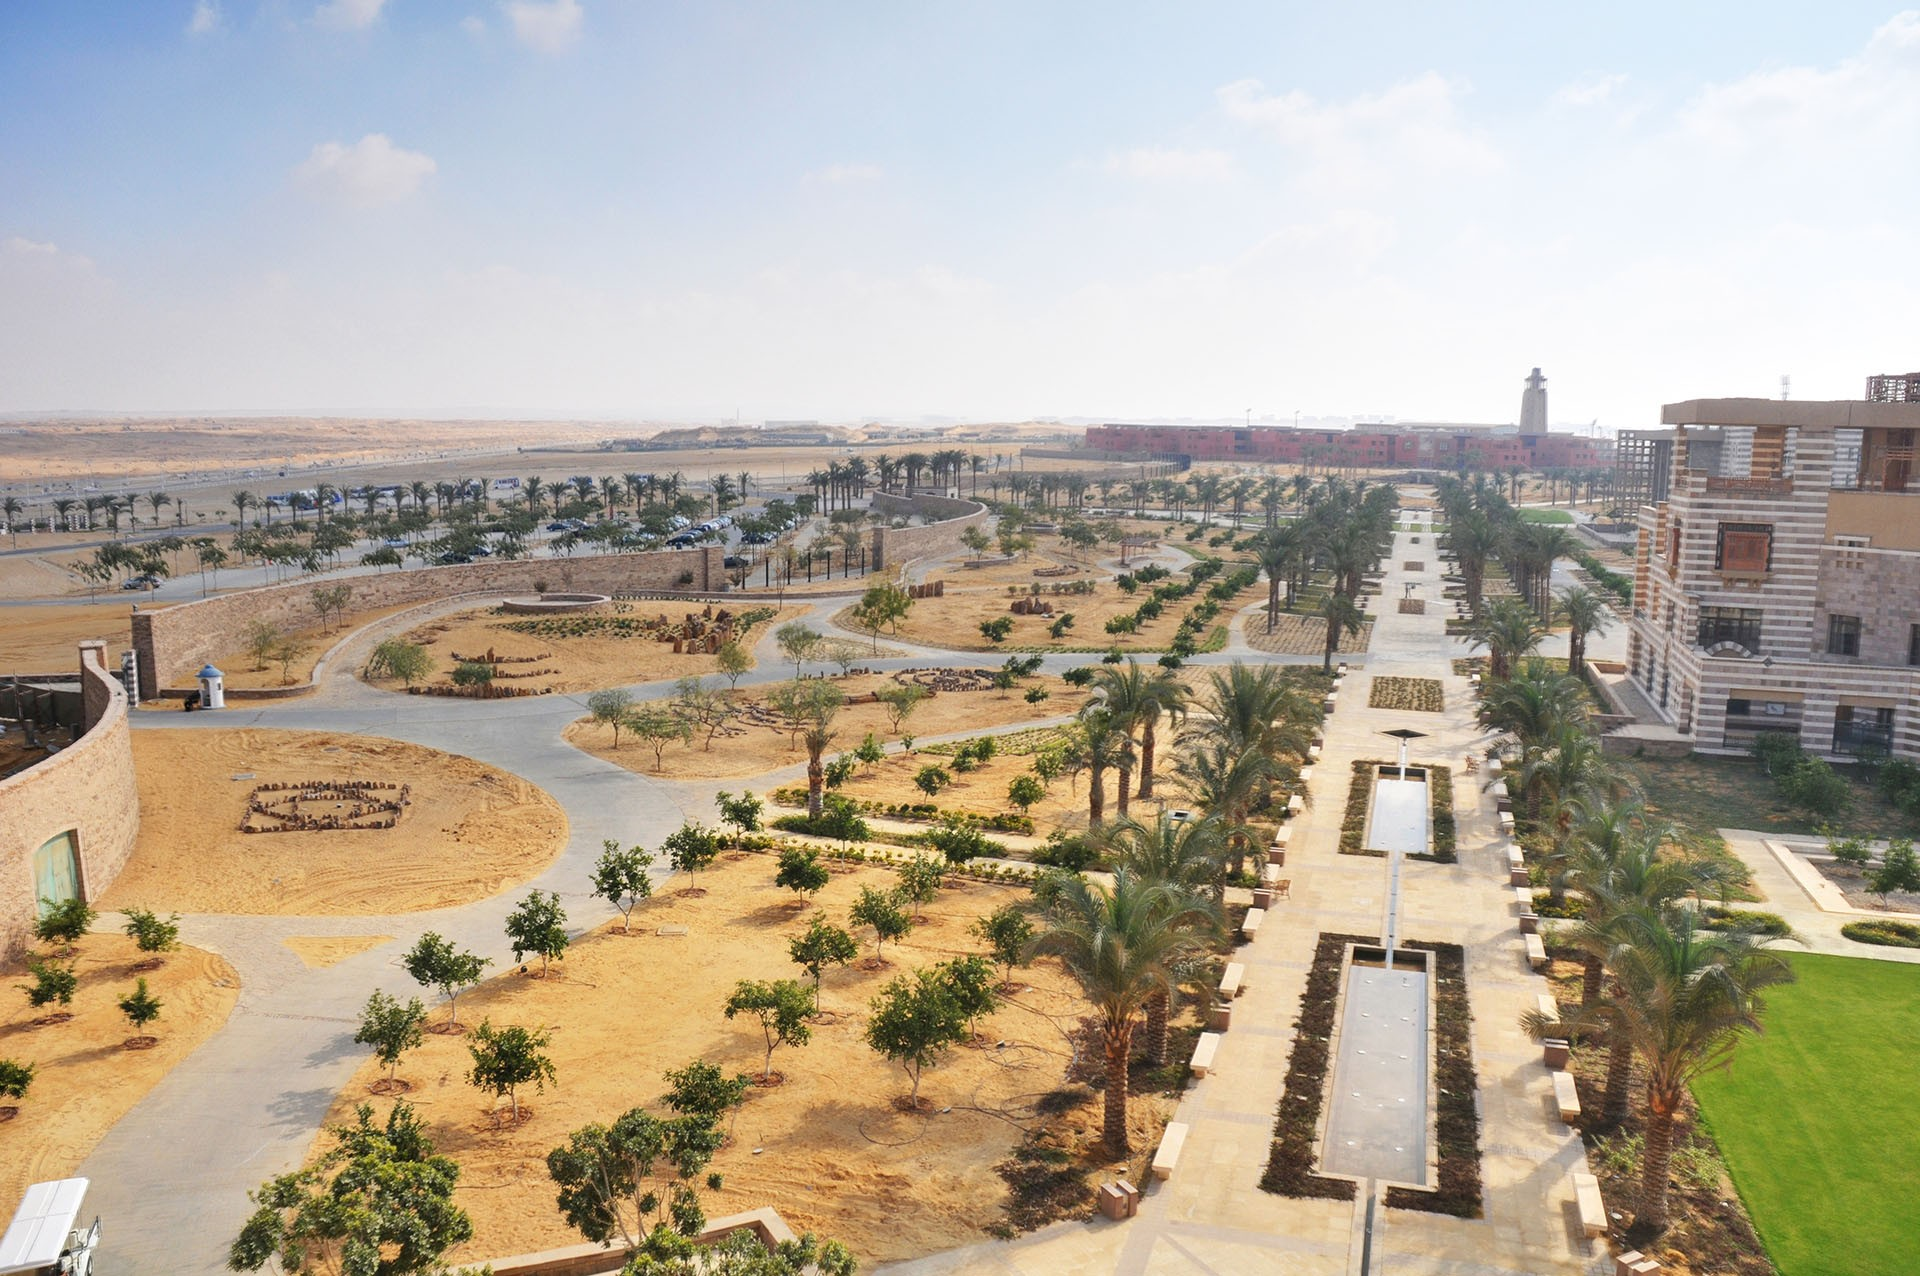 American University in Cairo Master Plan u0026 Design : CRJA-IBI Group